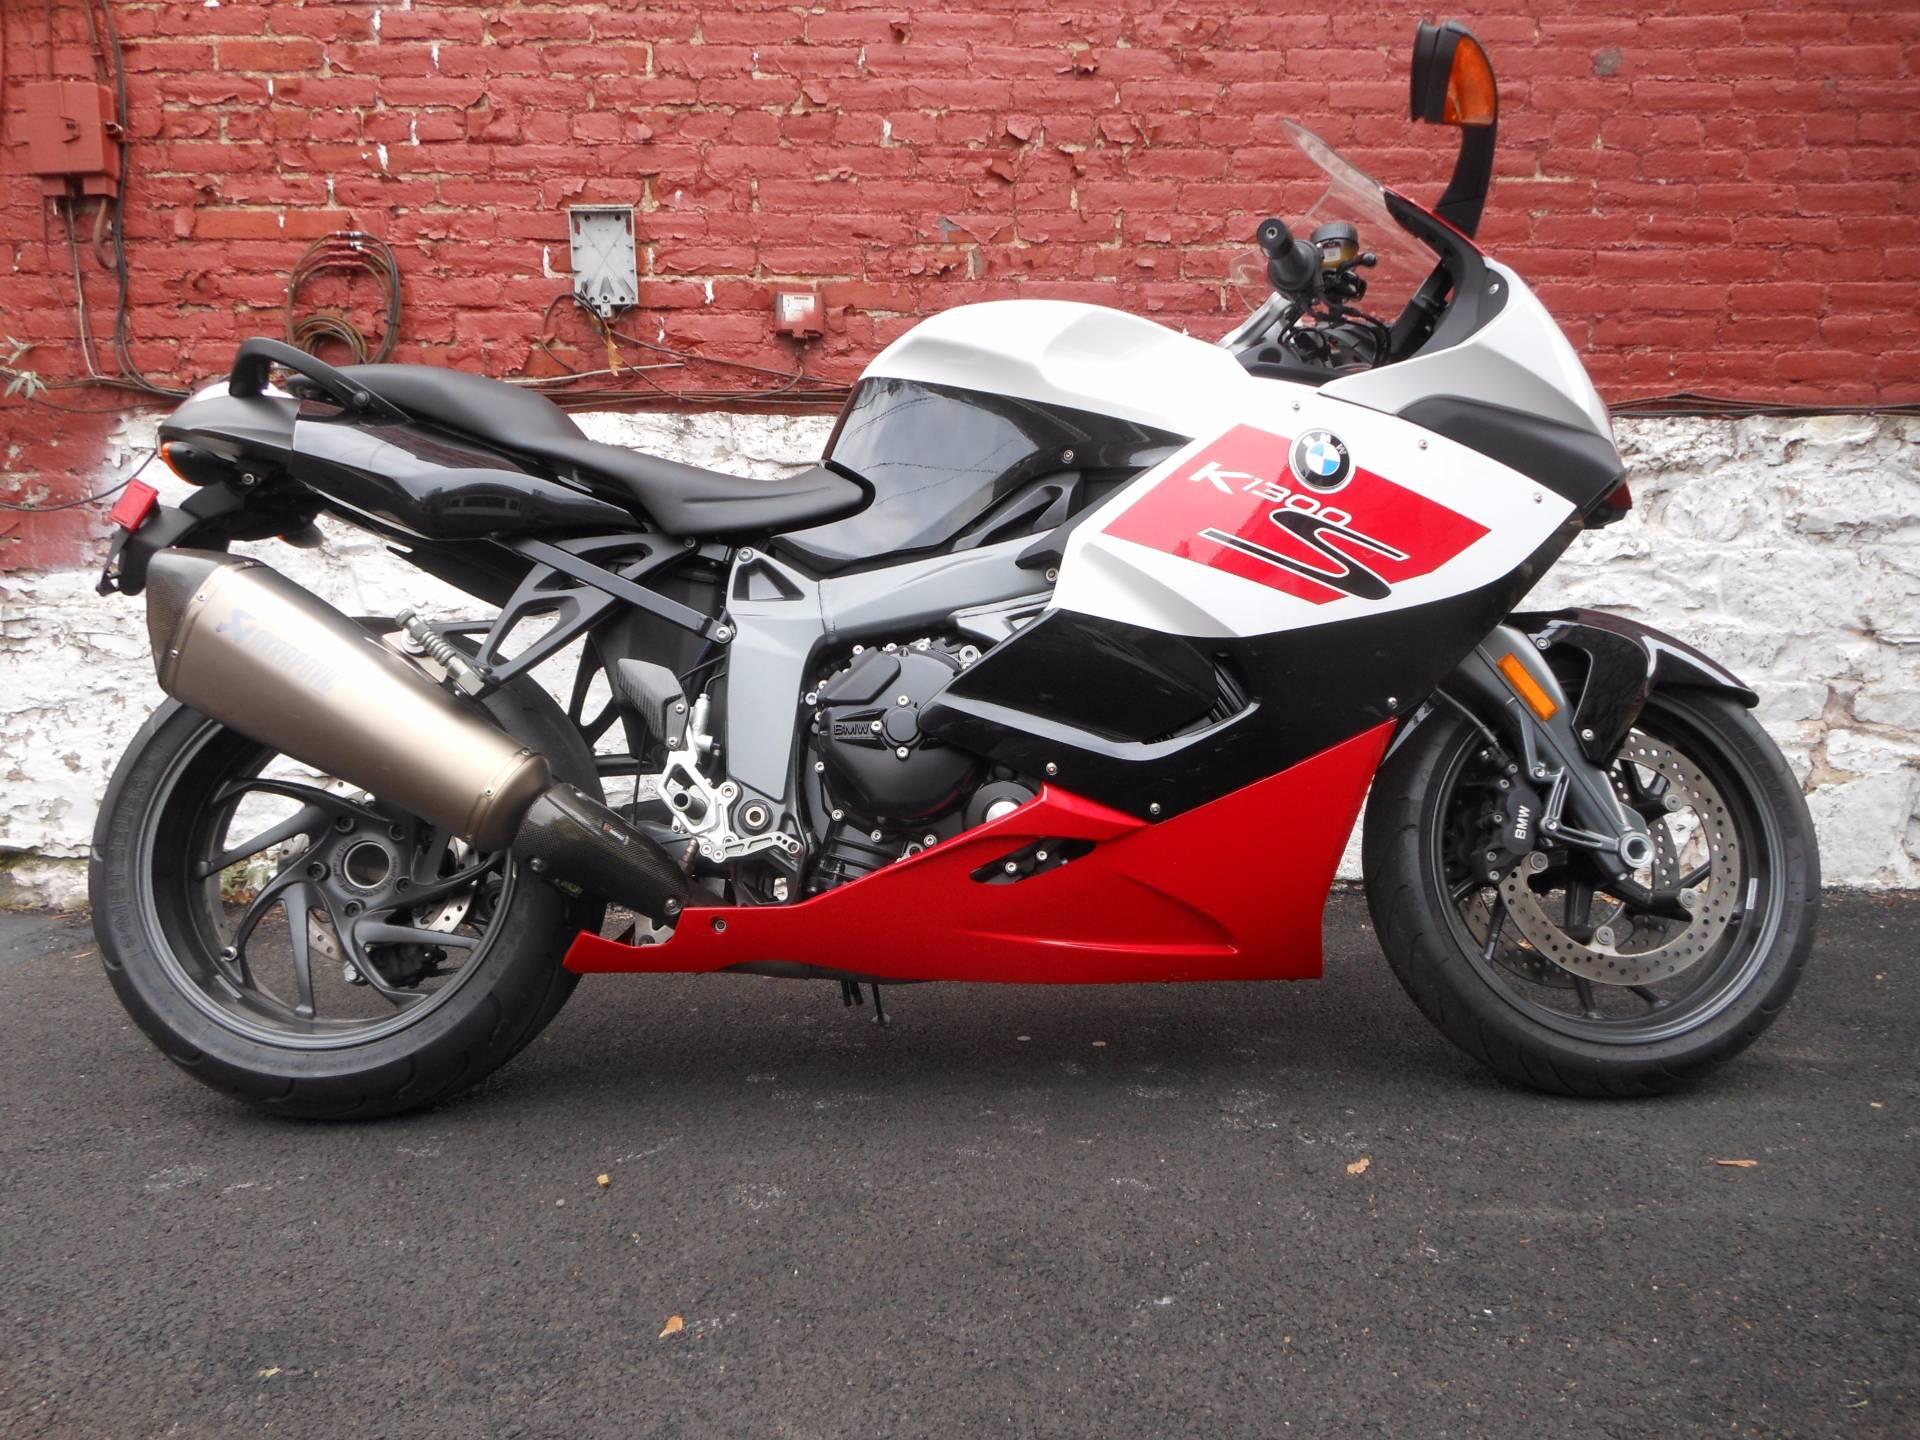 2014 Bmw K 1300 S Motorcycles Port Clinton Pennsylvania